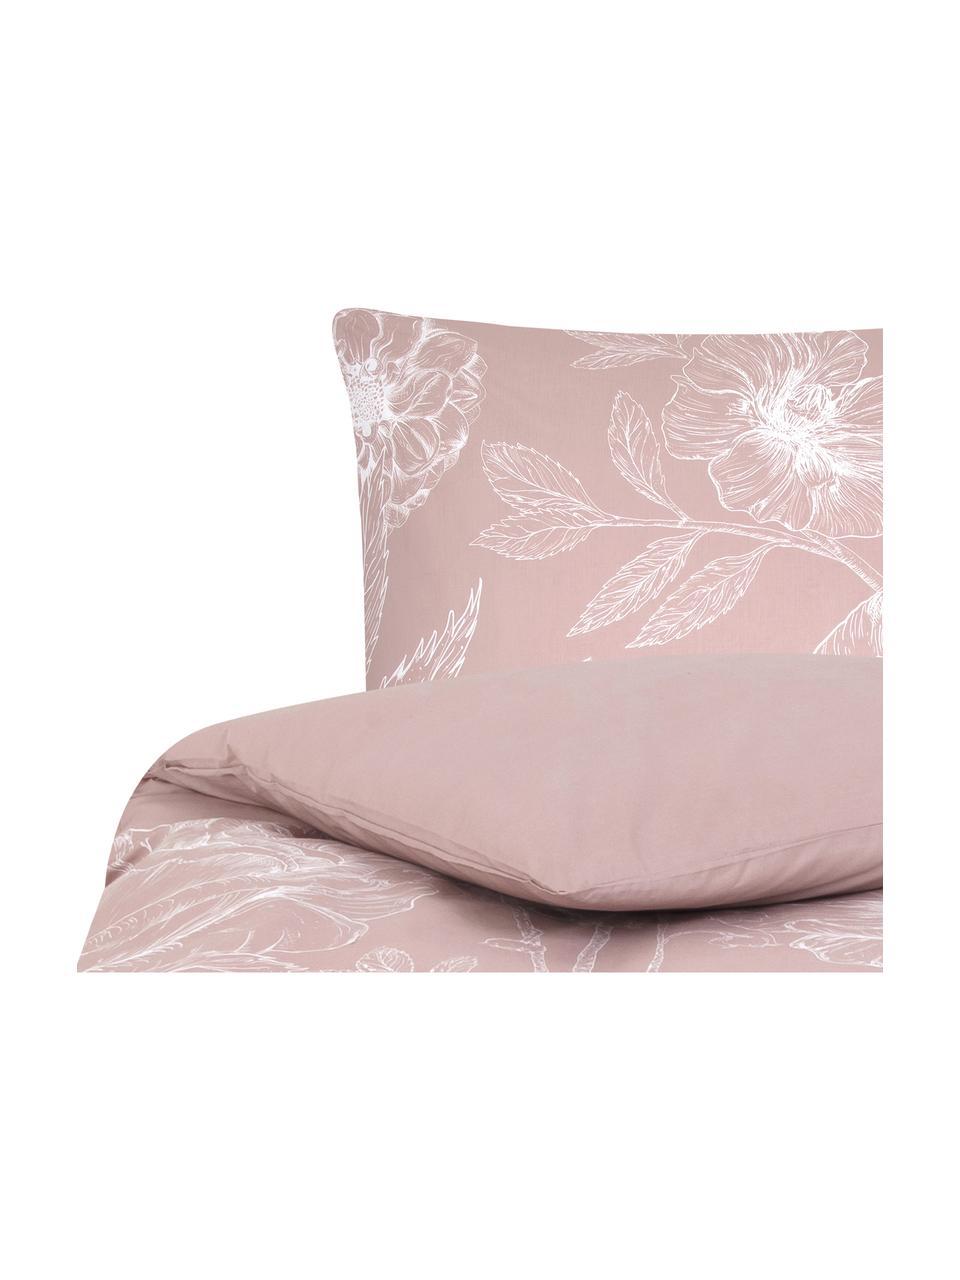 Pościel z perkalu Keno, Brudny różowy, biały, 135 x 200 cm + 1 poduszka 80 x 80 cm